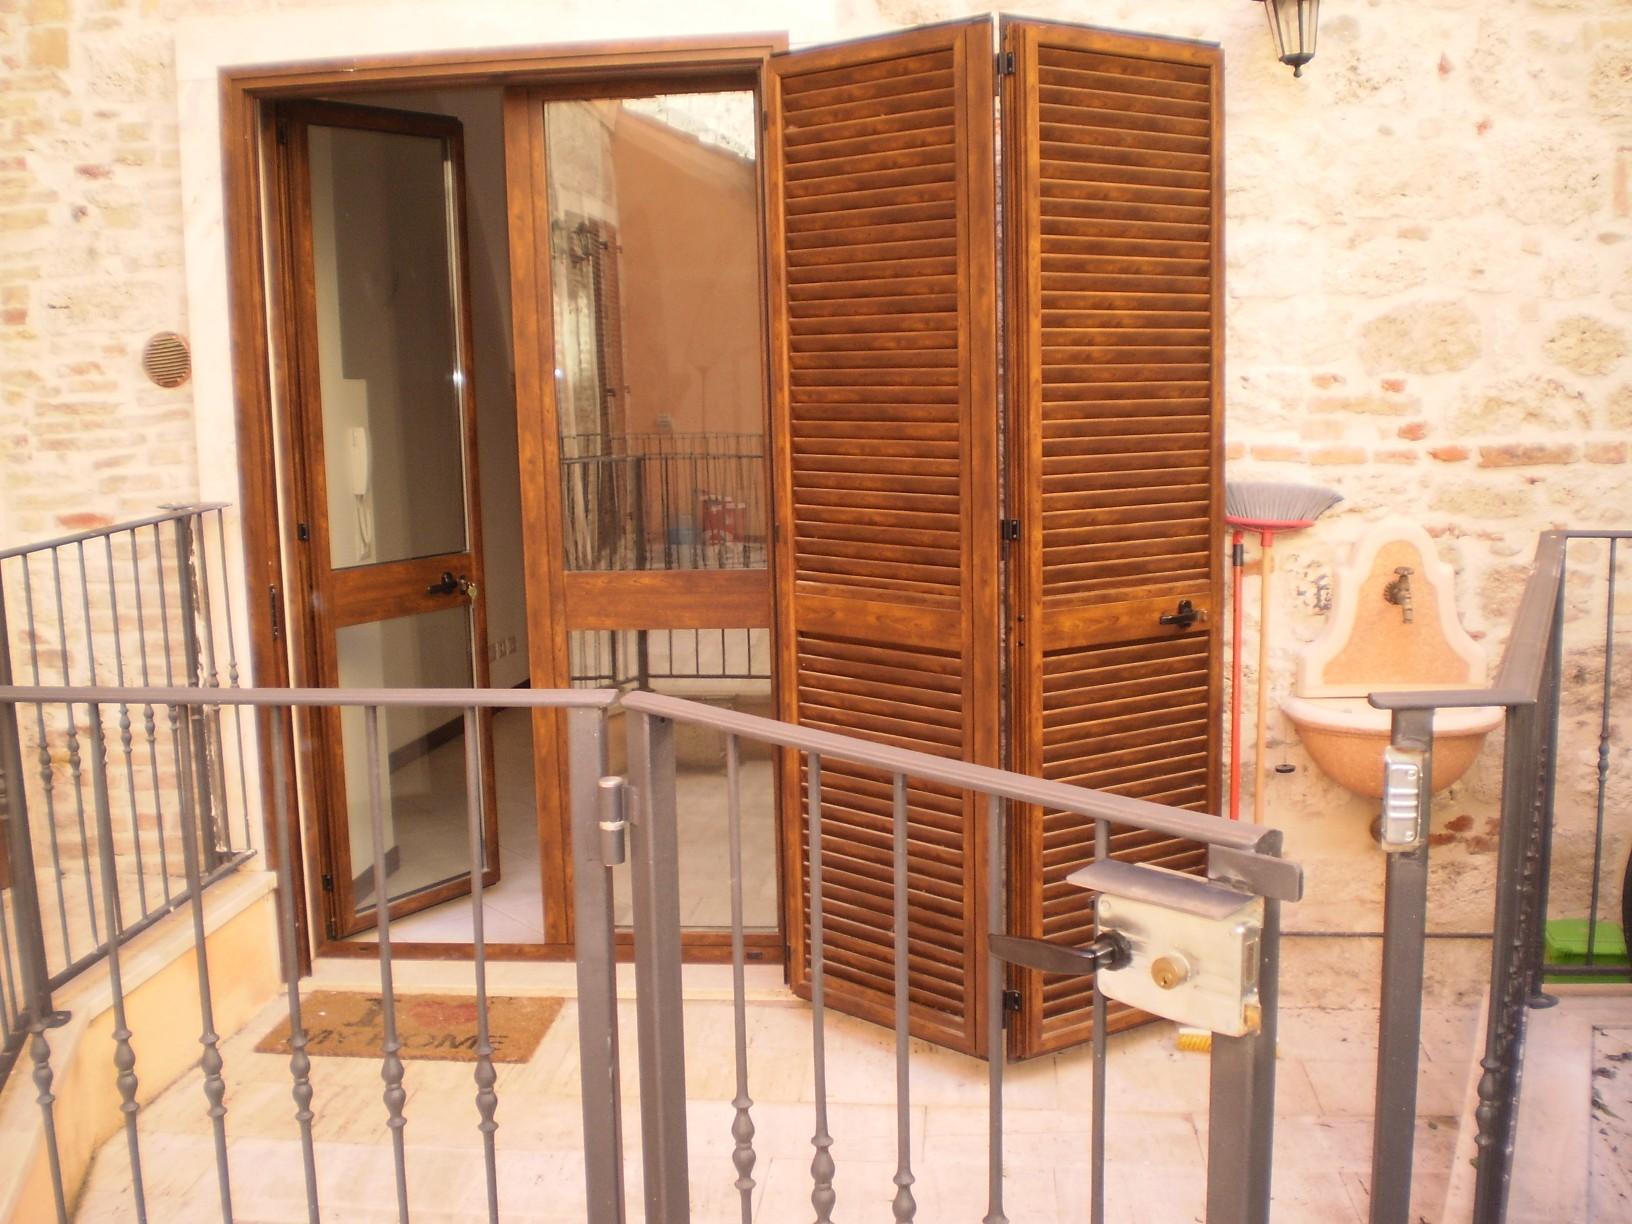 Appartamento in affitto a Ascoli Piceno, 3 locali, zona Località: CentroStorico, prezzo € 410 | CambioCasa.it